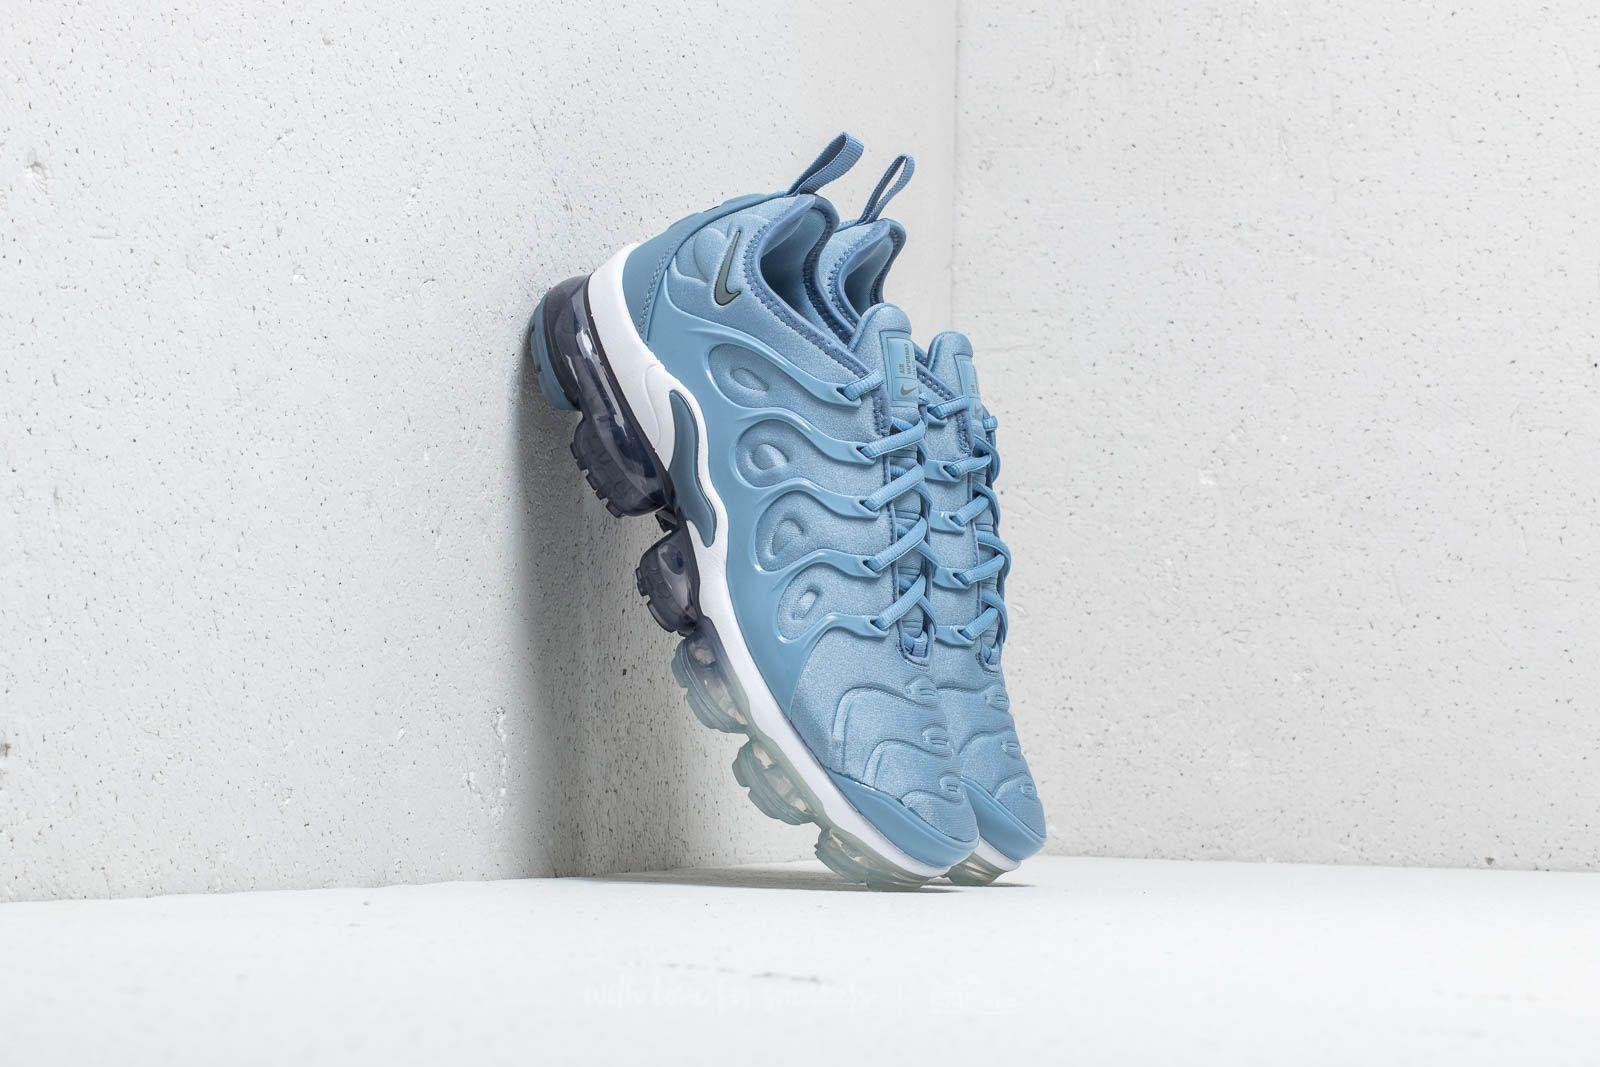 Nike Air Vapormax Plus Work Blue Cool Grey | Footshop